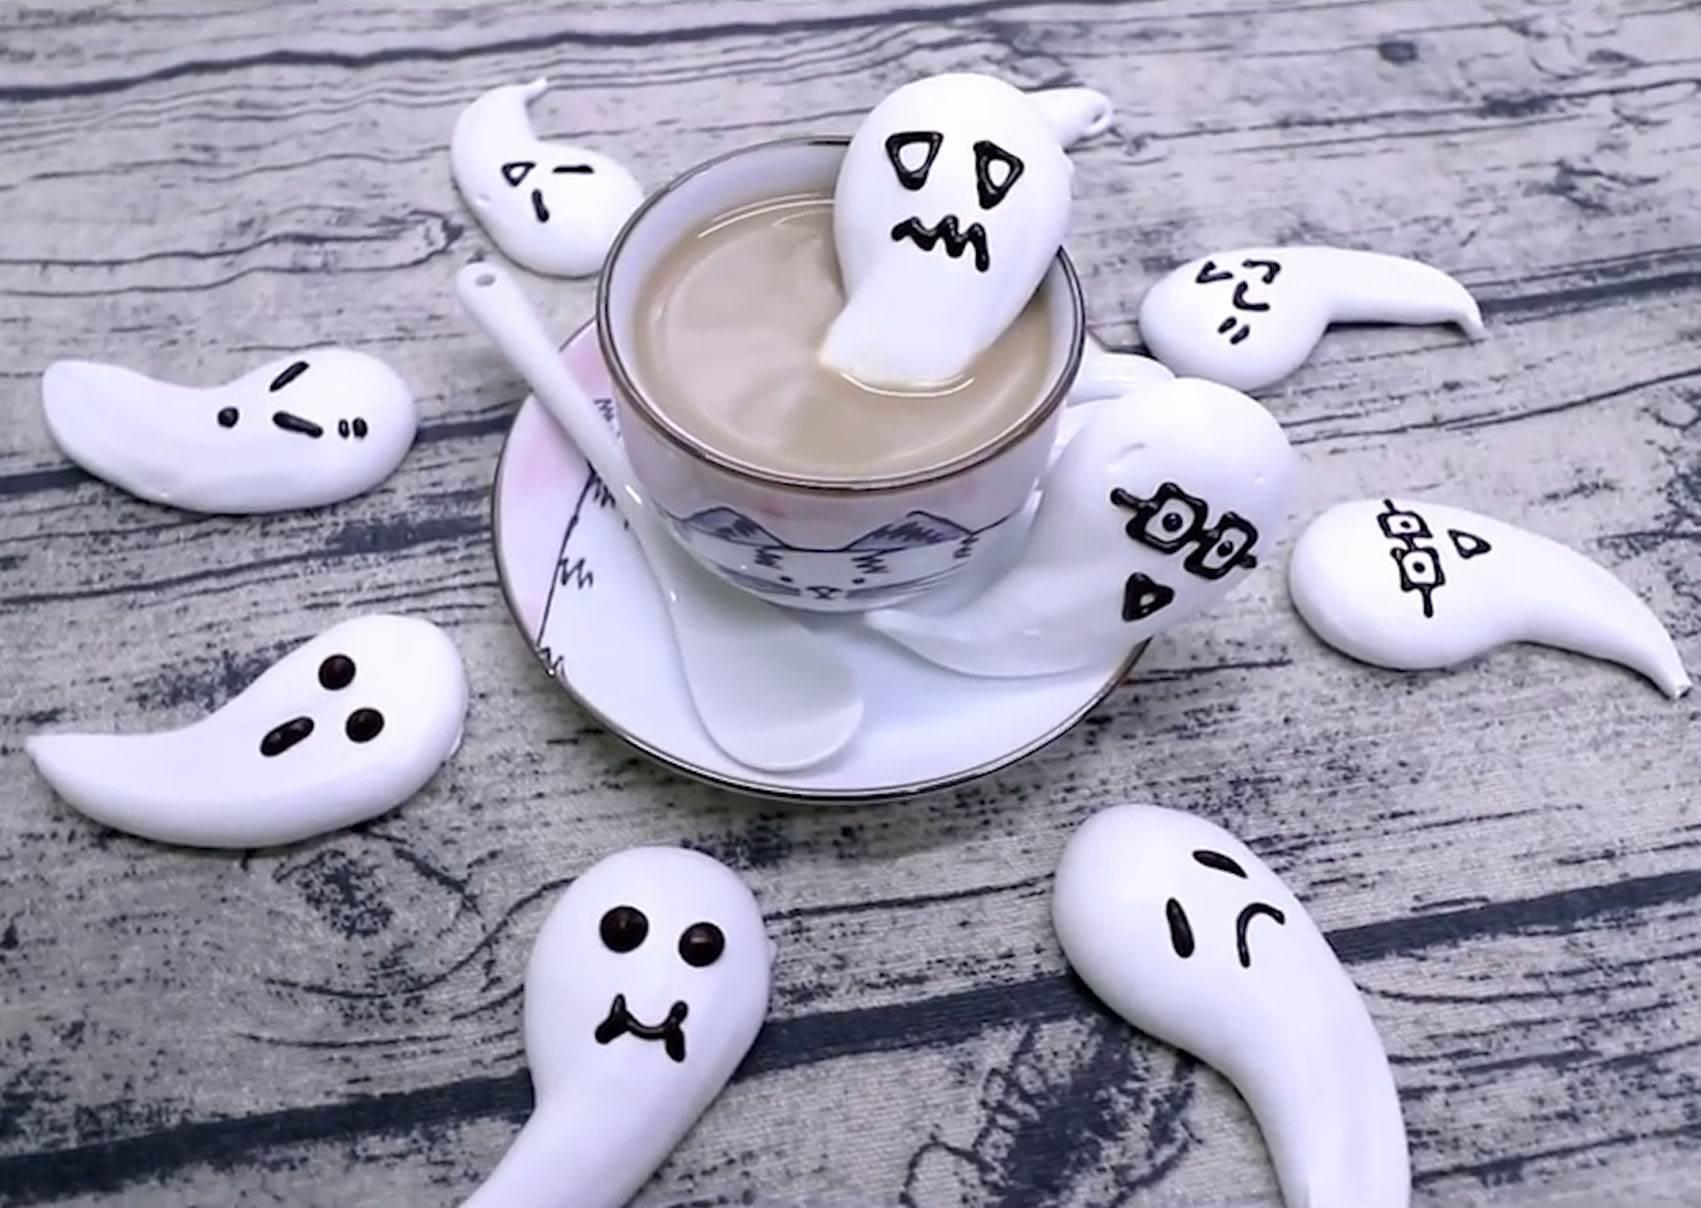 萬聖節搞鬼也能賣萌❤ 3種材料生出可愛小幽靈